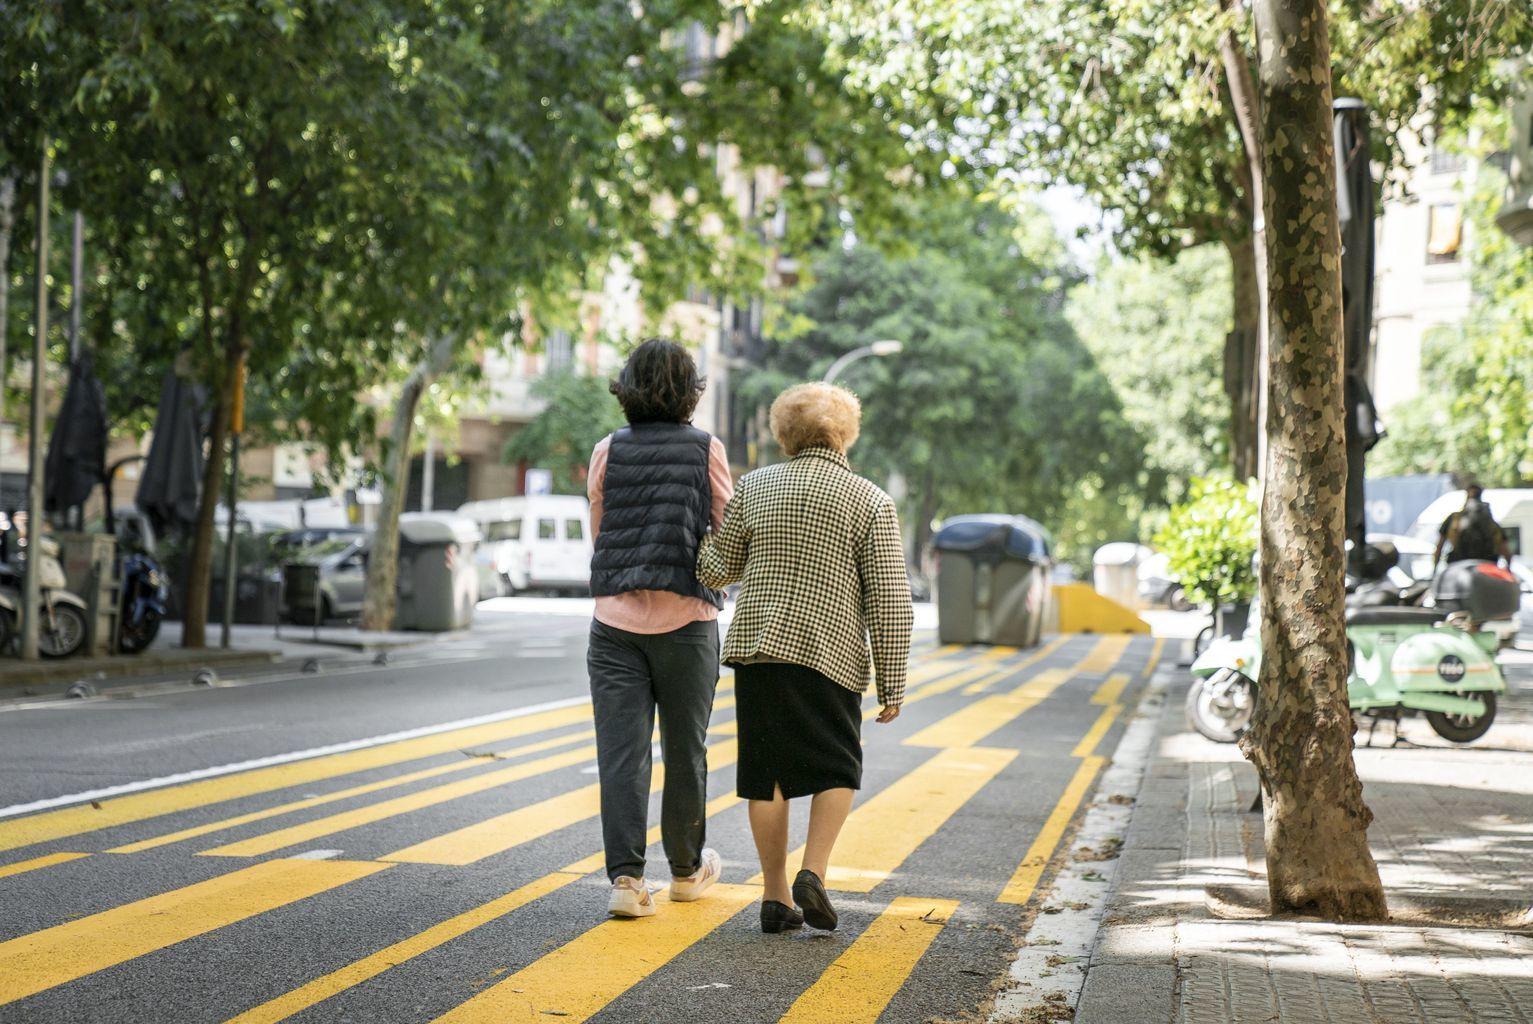 Una dona gran passeja de bracet d'una altra dona per un dels nous espais ampliats per a vianants i bicicletes